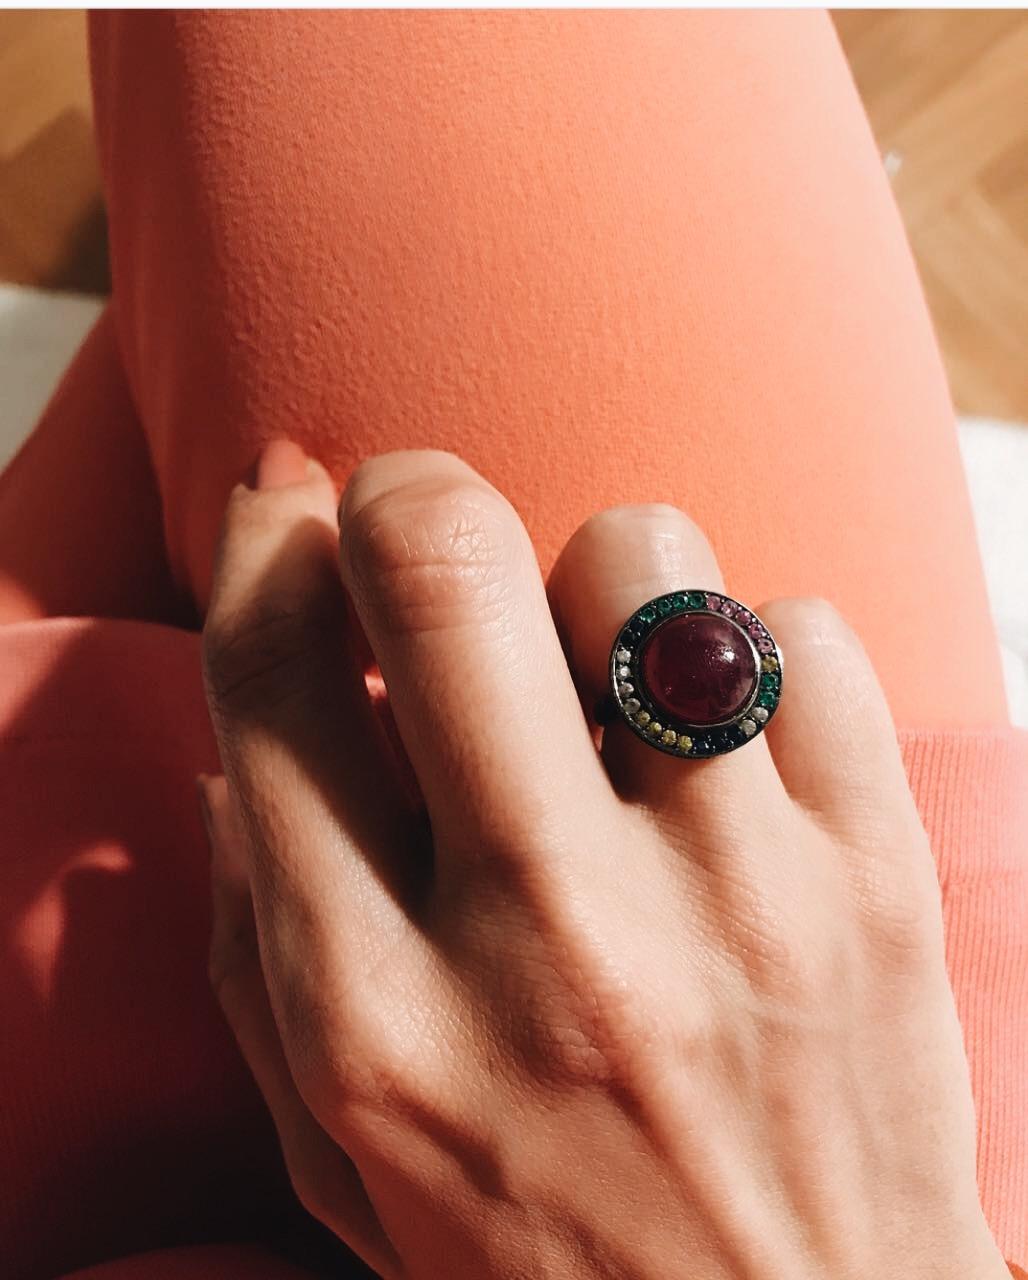 73C9D07E 858F 4F84 AA1A 918D23055B33 - Marina Vicintin, Jewelry Designer